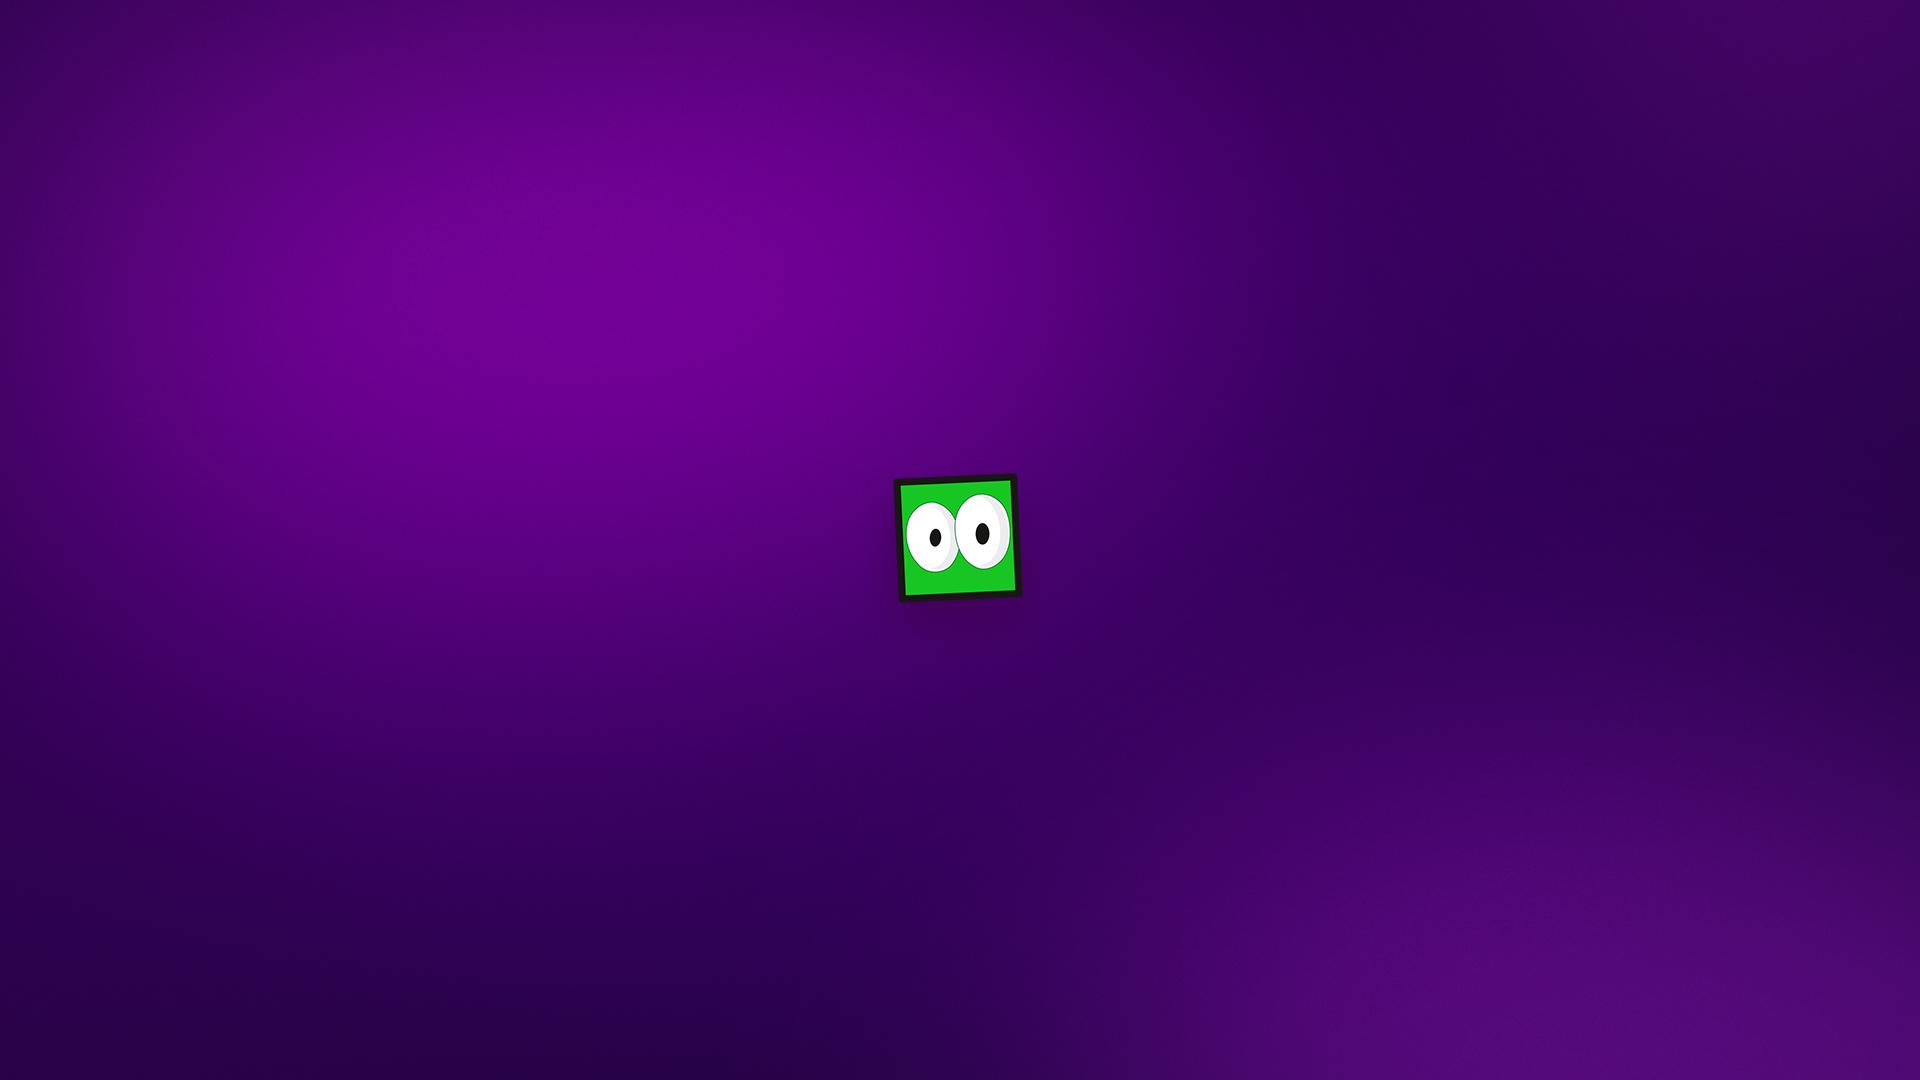 Wallpaper Stream Twitch Greenbox Purple 1920x1080